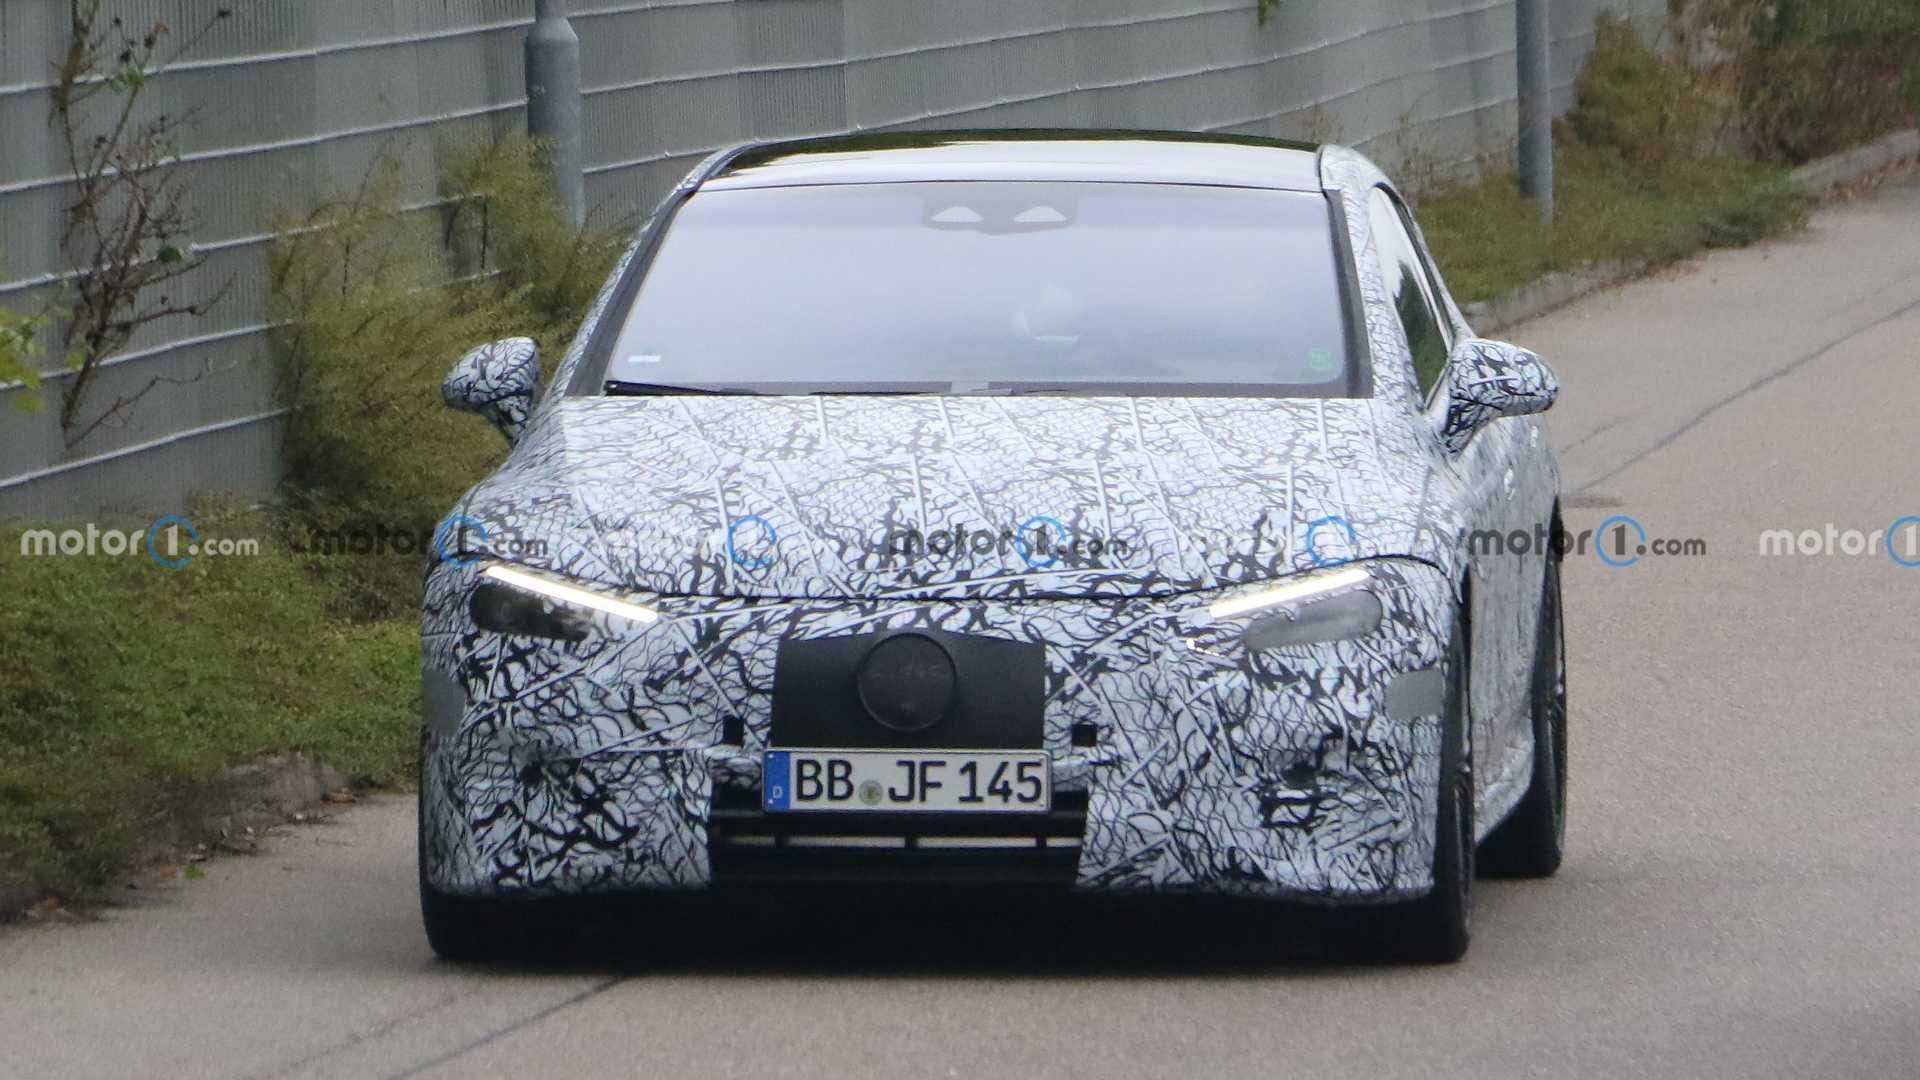 2023 Mercedes-AMG EQE 53 spy photo